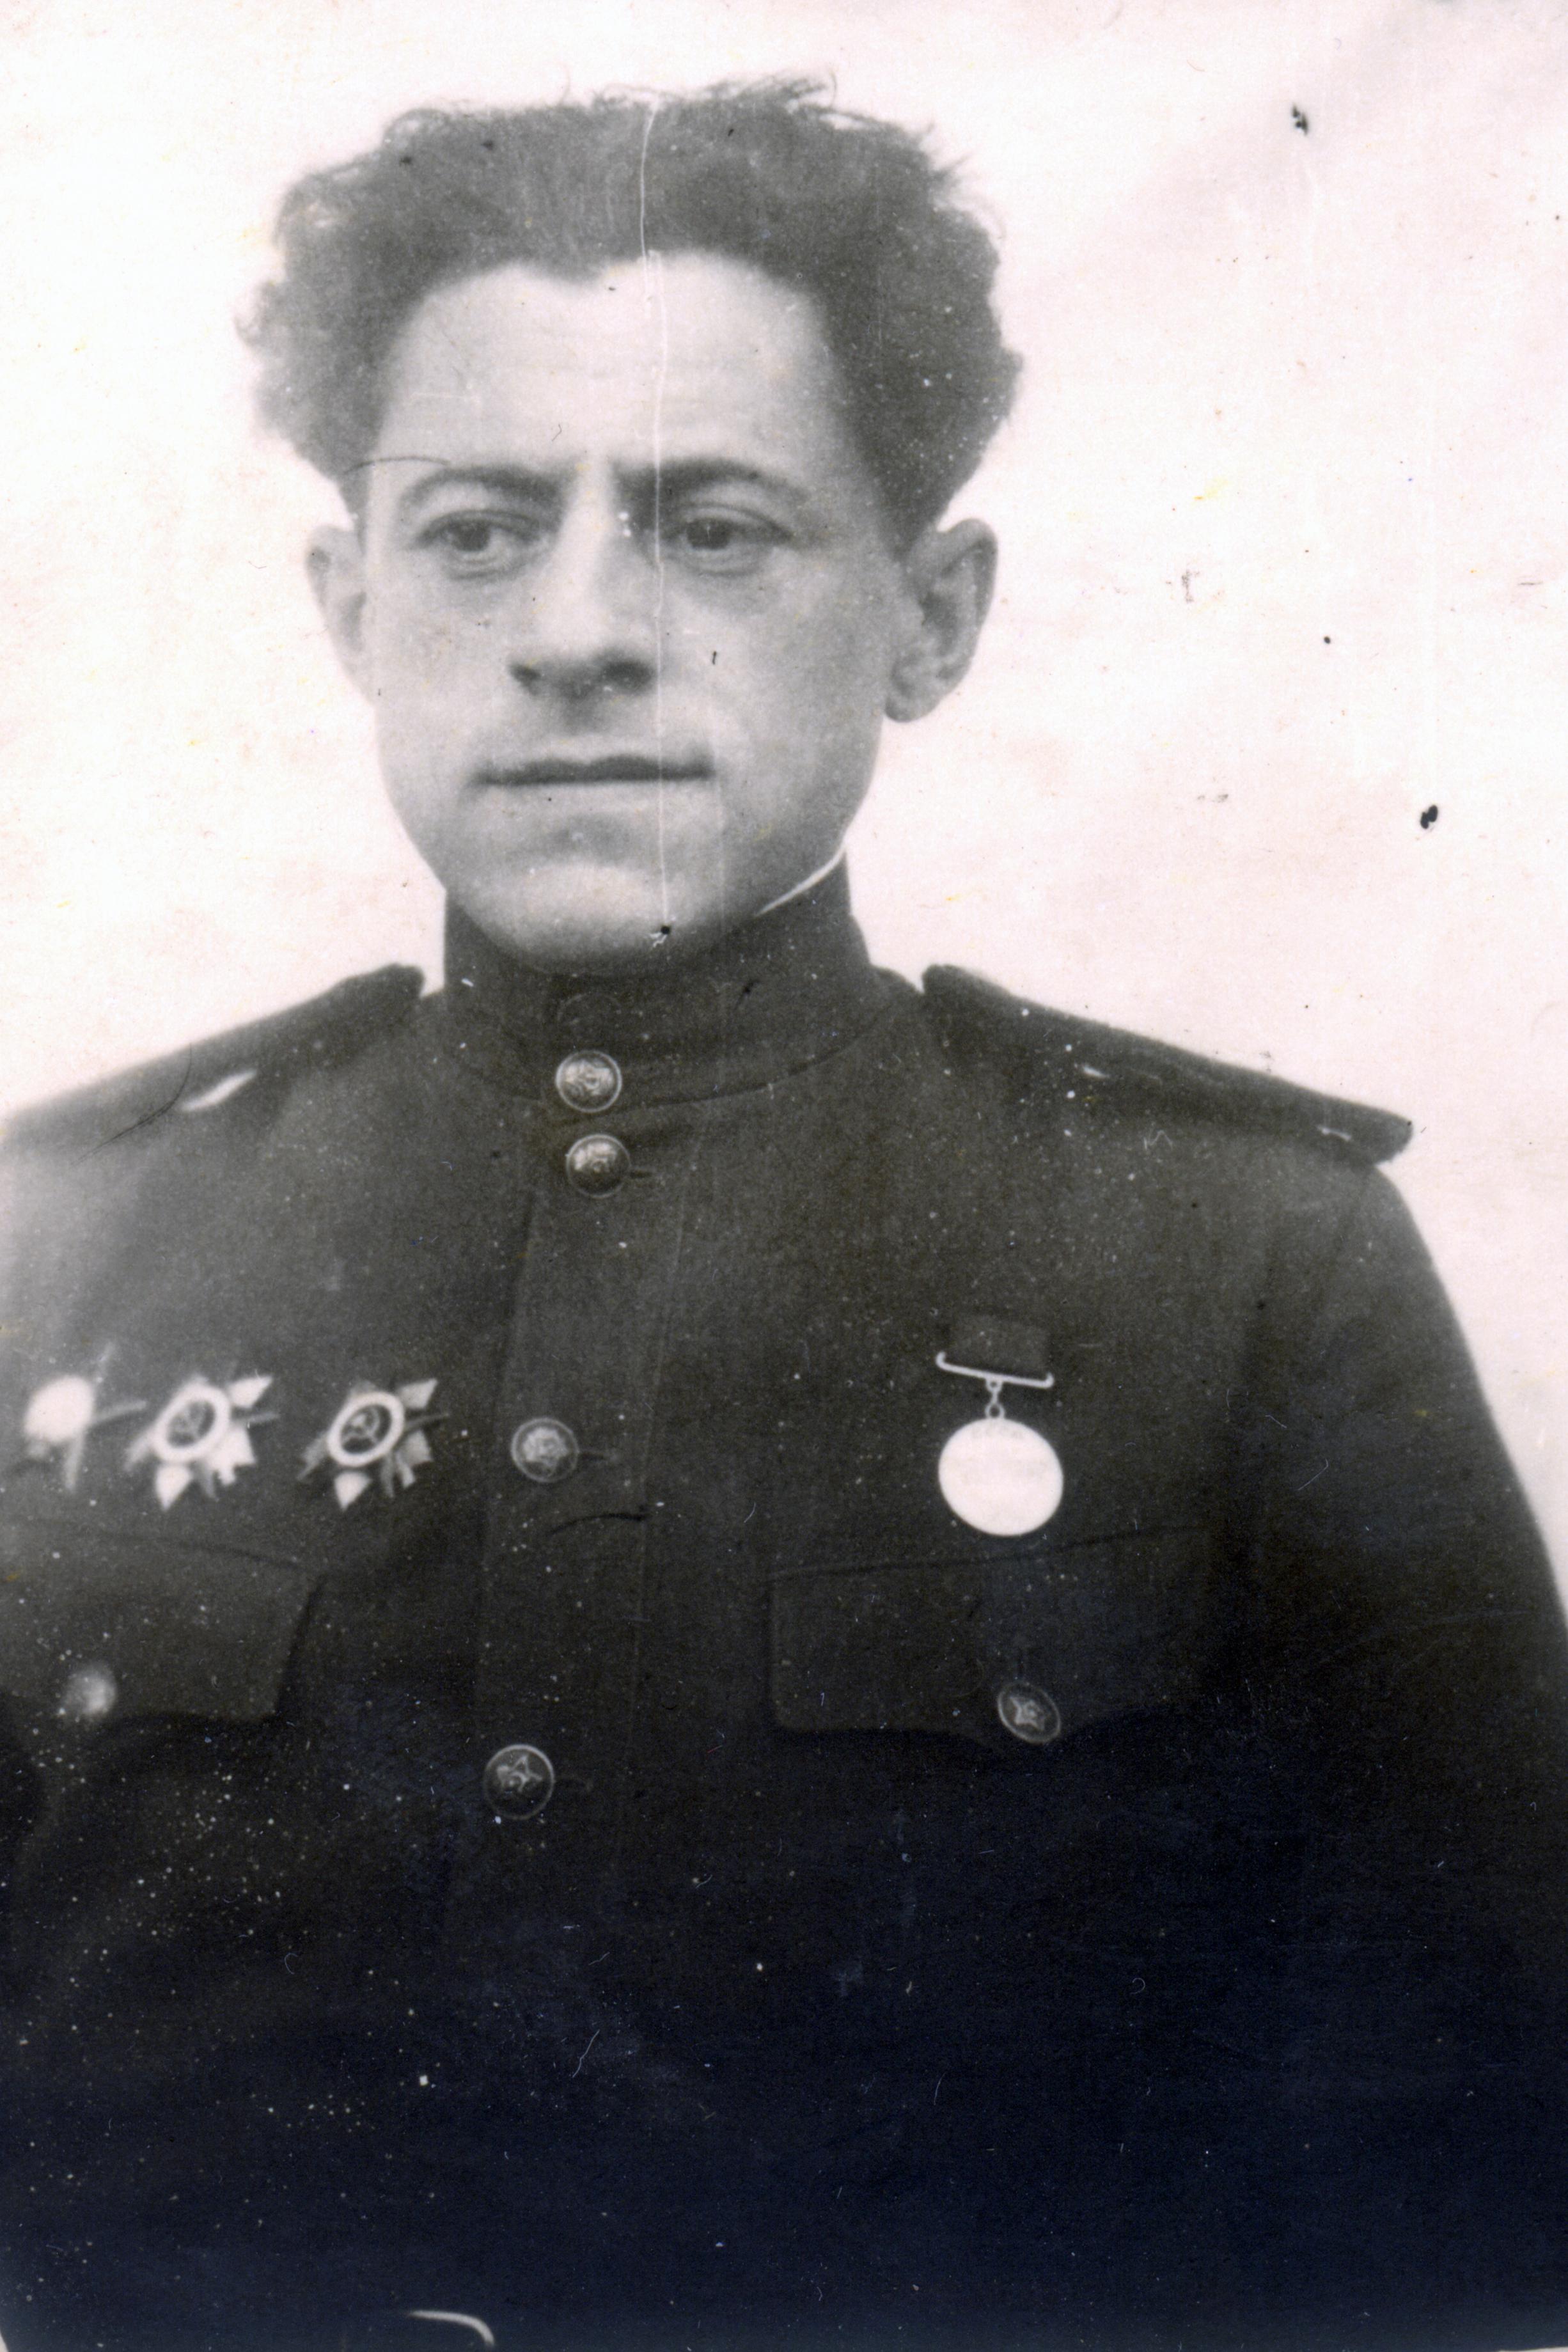 Isaac Rivkin